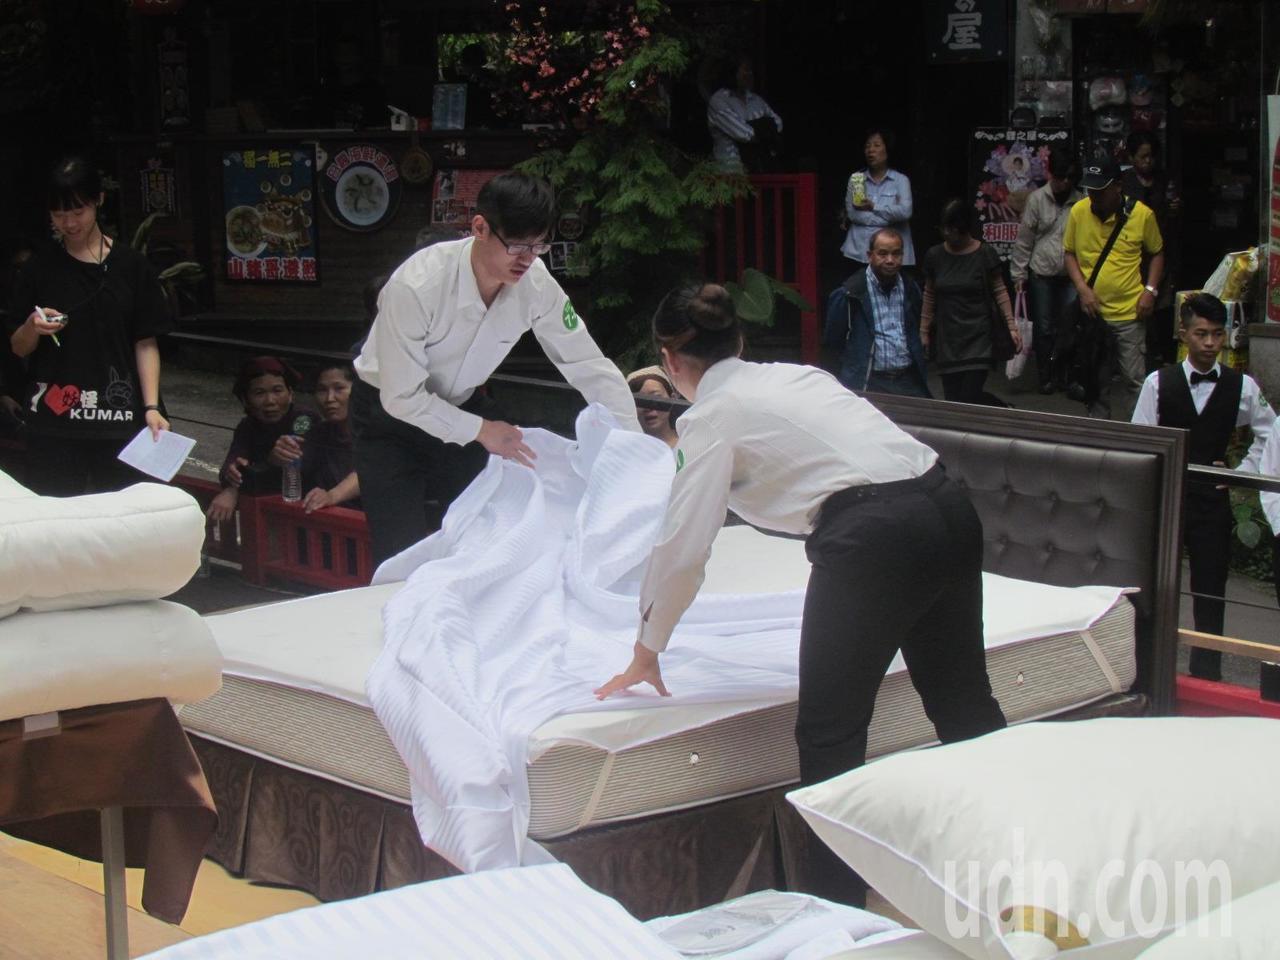 參加整床比賽的選手,動作俐落地攤開床單。記者張家樂/攝影